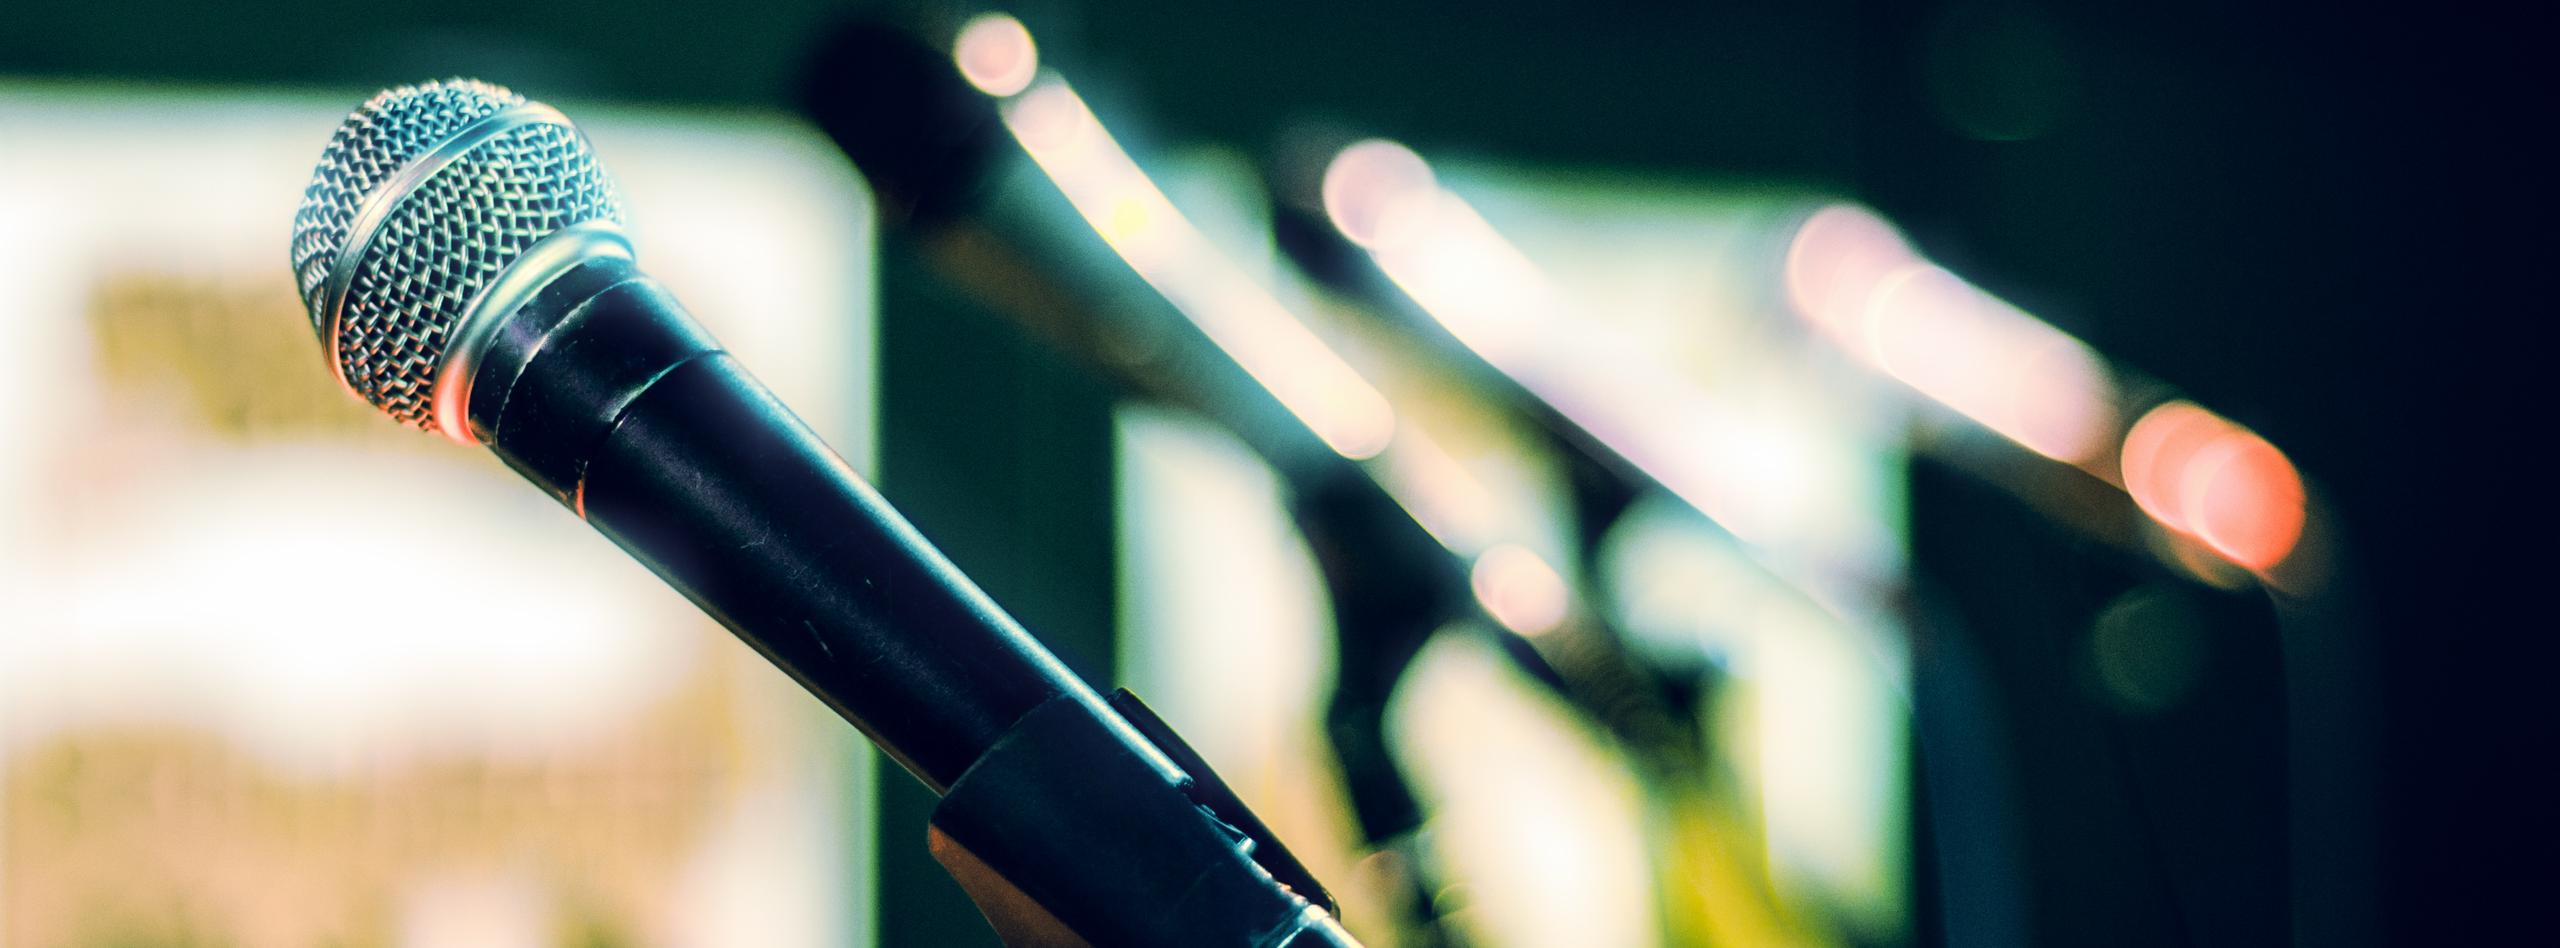 Работа с журналистами в эпоху цифры: как технологии меняют правила игры